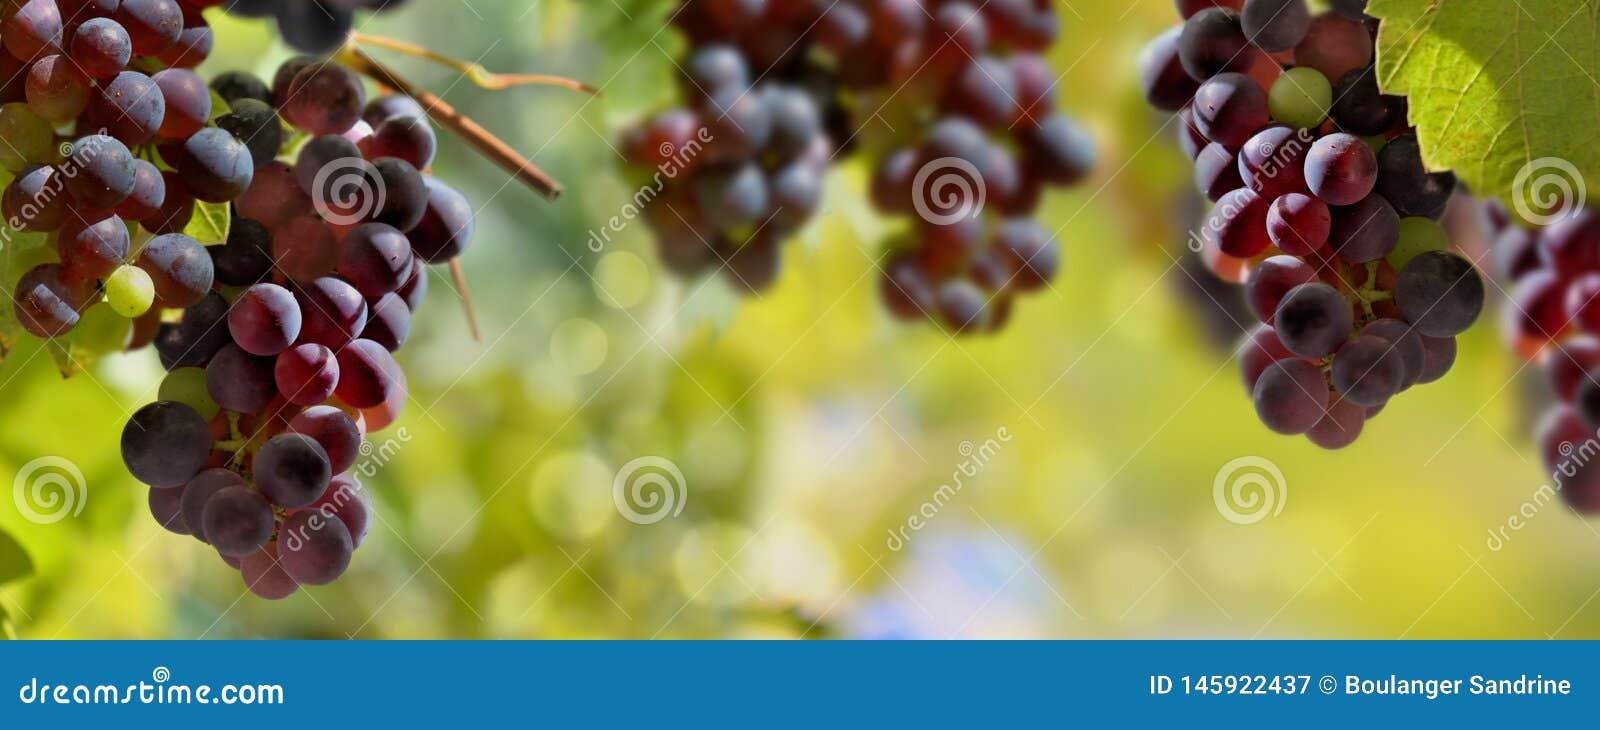 Uvas pretas que crescem na ilumina??o do vinhedo pelo sol